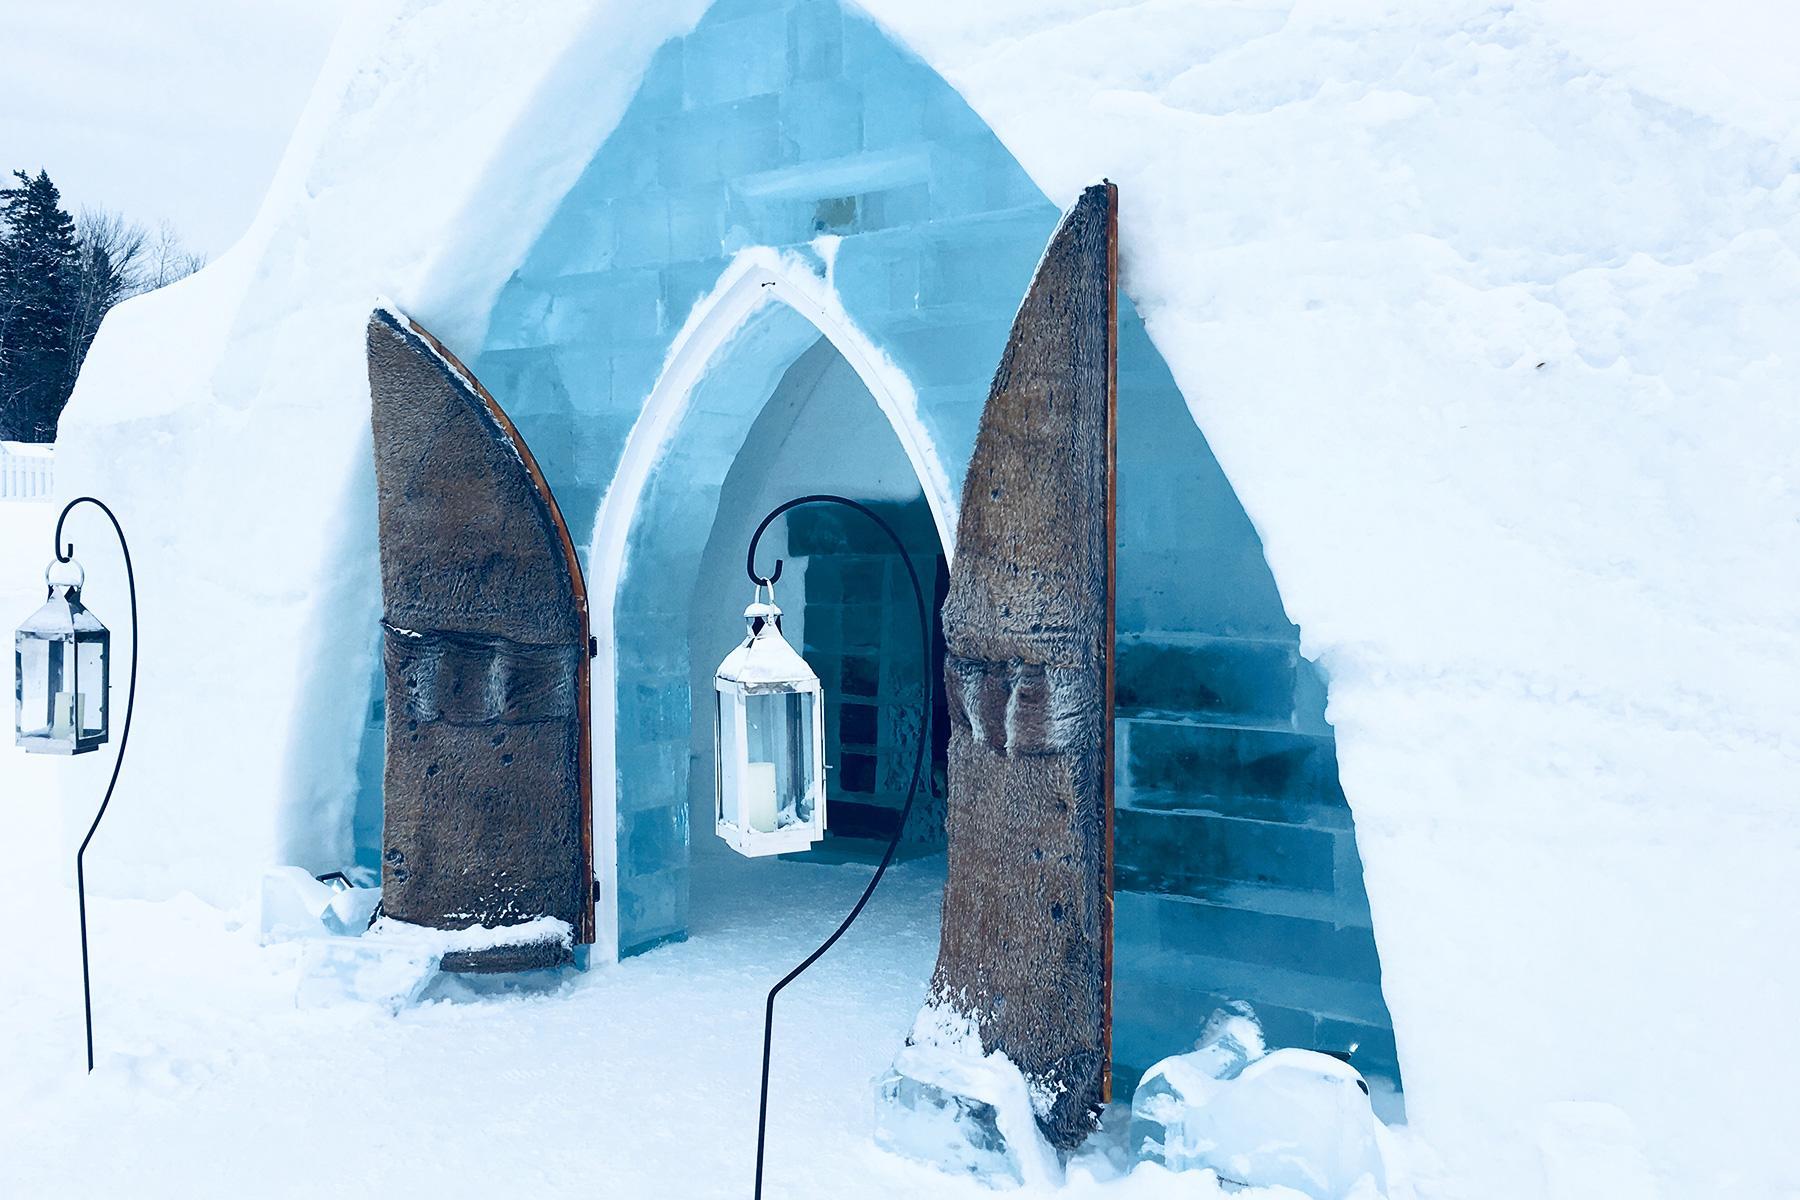 07_IceHotels__HoteldeGlace_shutterstock_1113921815